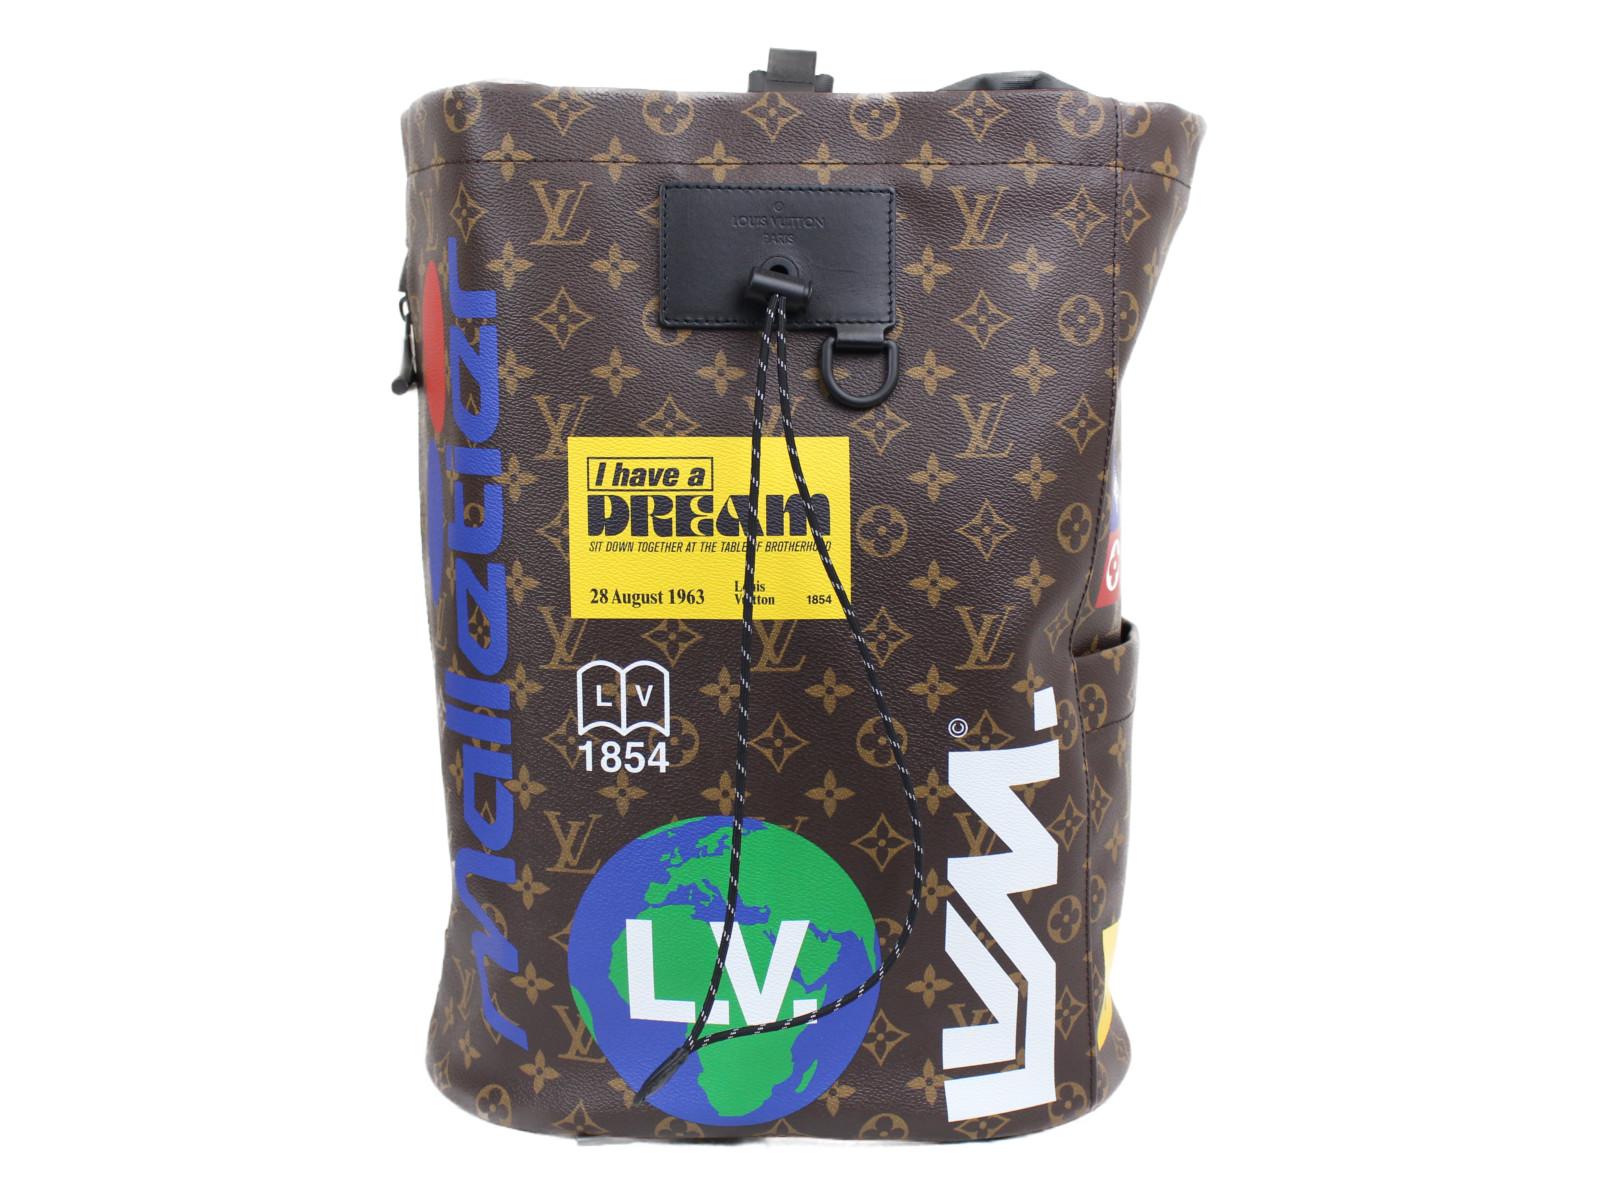 【☆未使用品☆】【布袋あり】LOUIS VUITTON チョーク・バックパック M44615 マロン モノグラムキャンバス メンズ リュック バックパック プレゼント包装可 【中古】